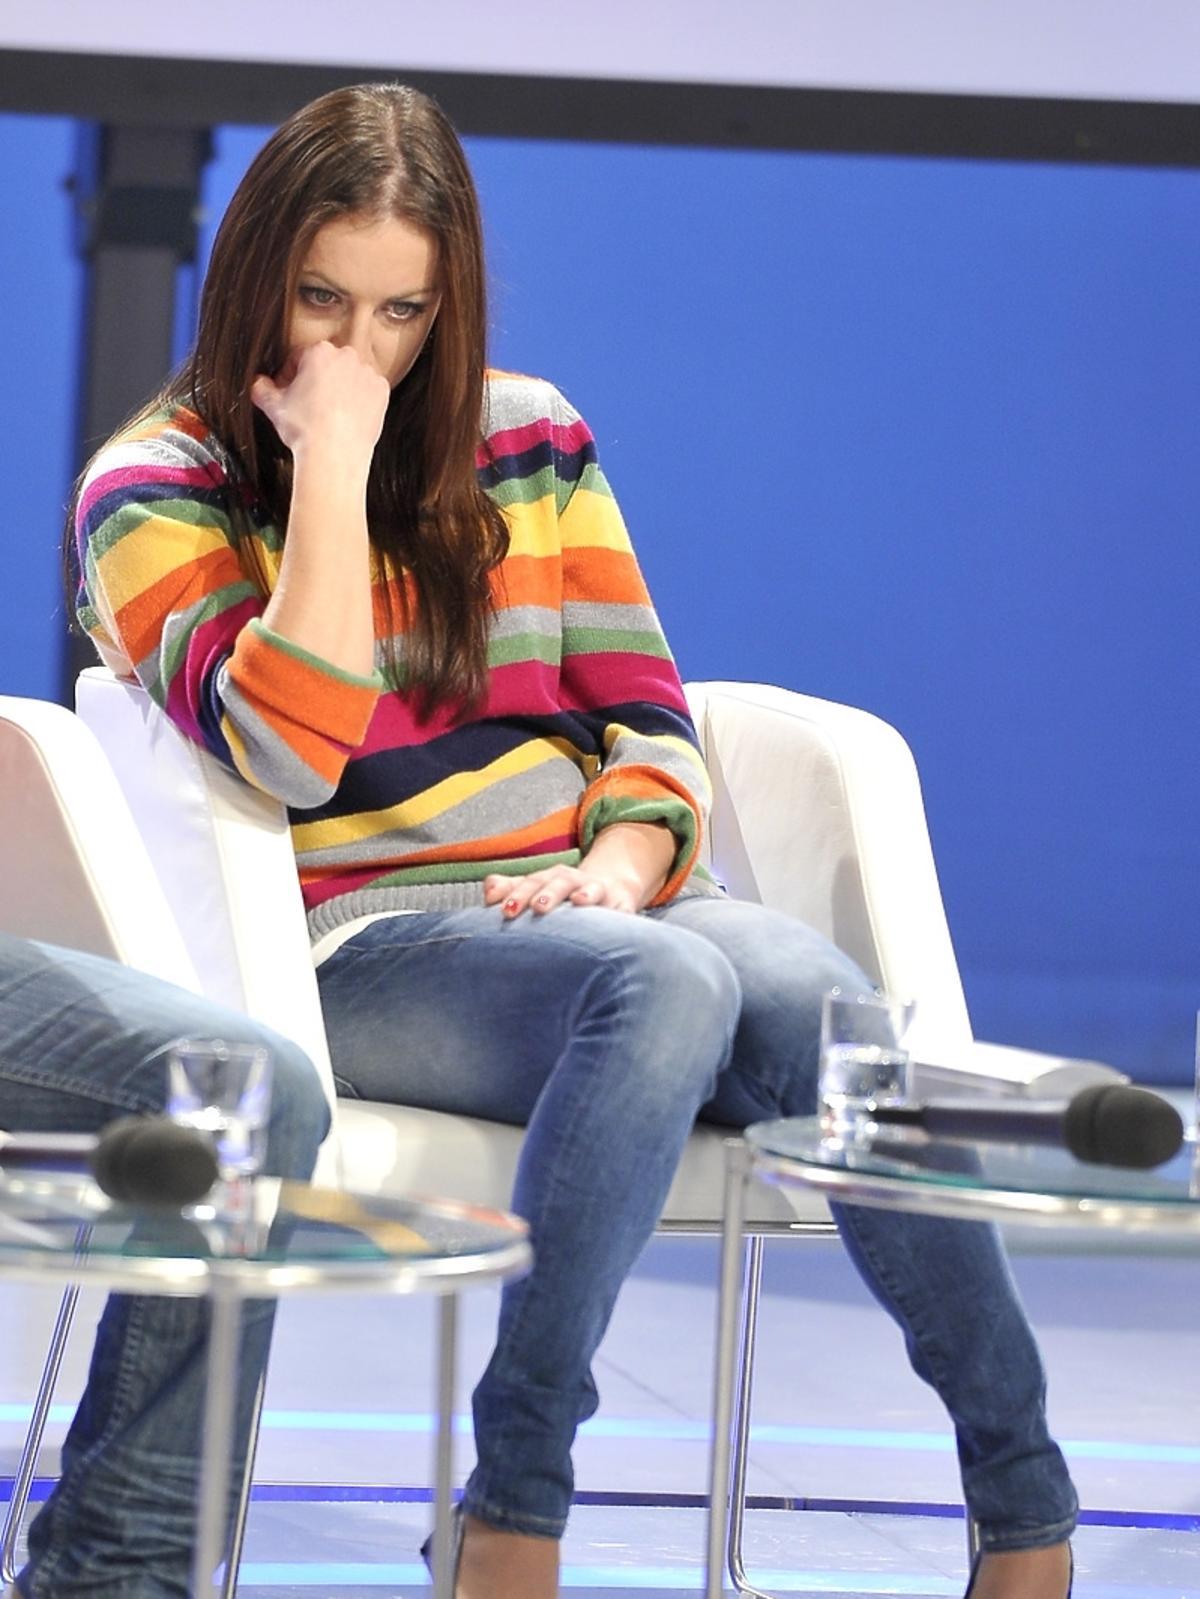 Wywiad Justyny Kowalczyk dla Gazety Wyborczej